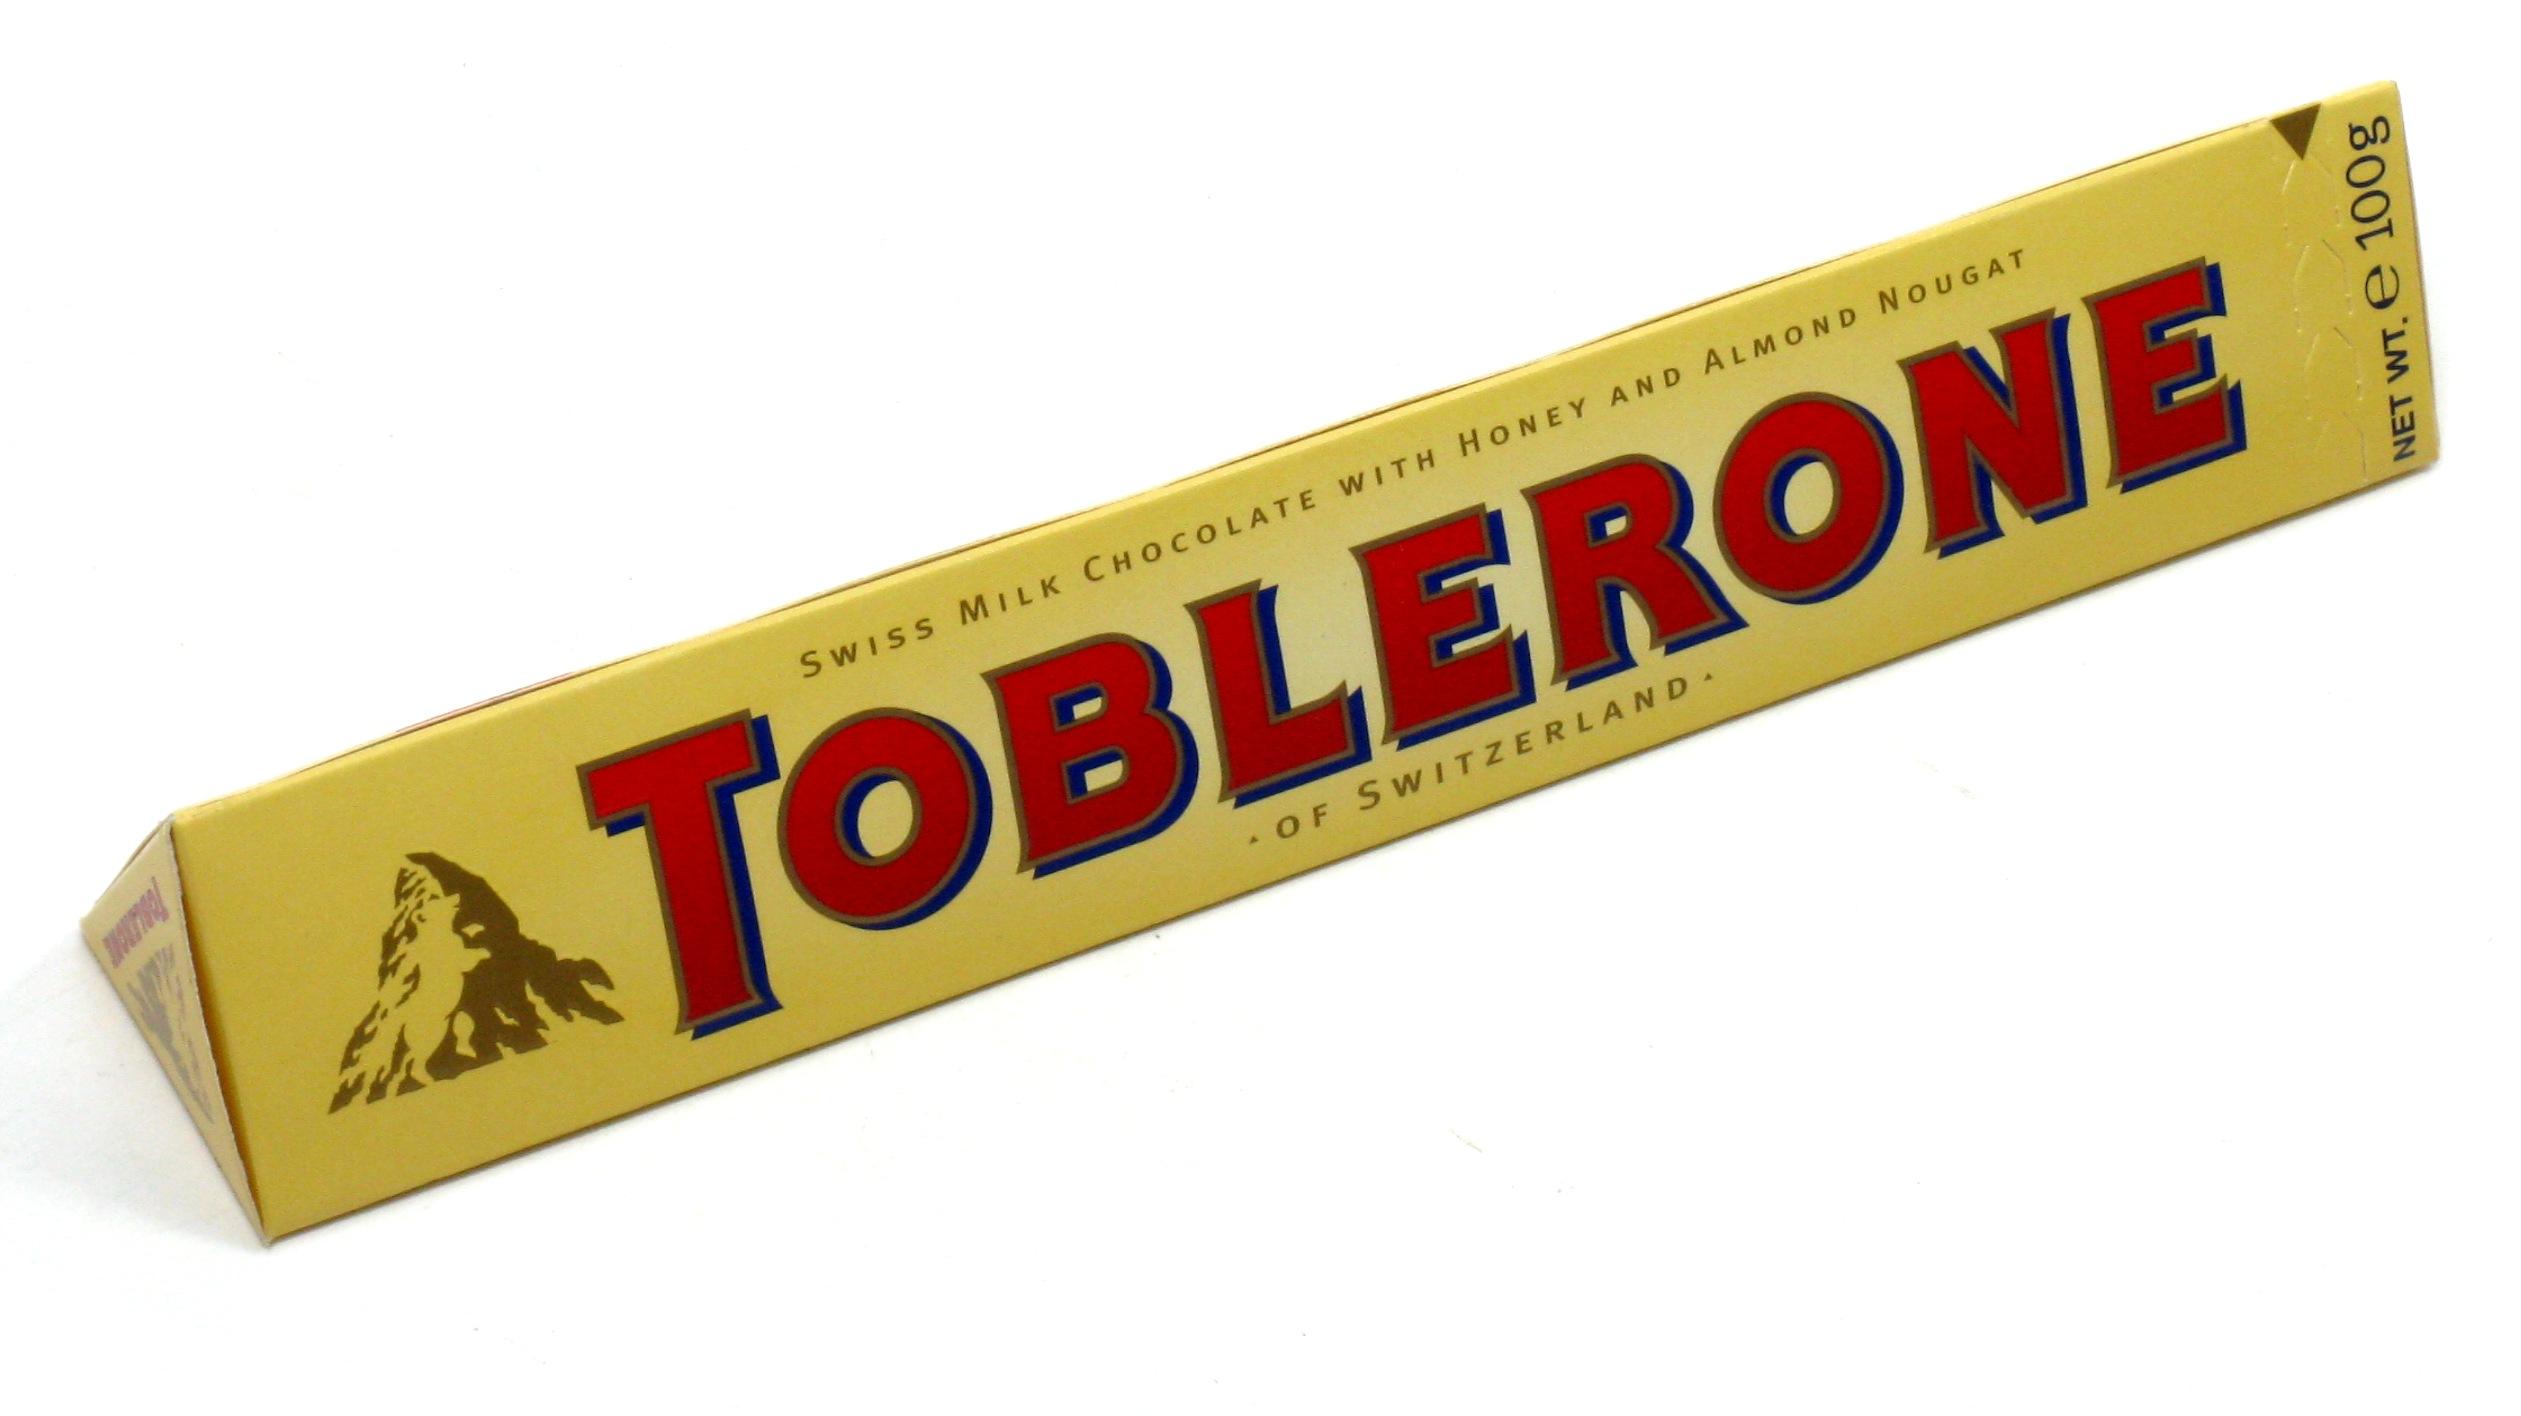 Шоколад Тоблерон (Toblerone)